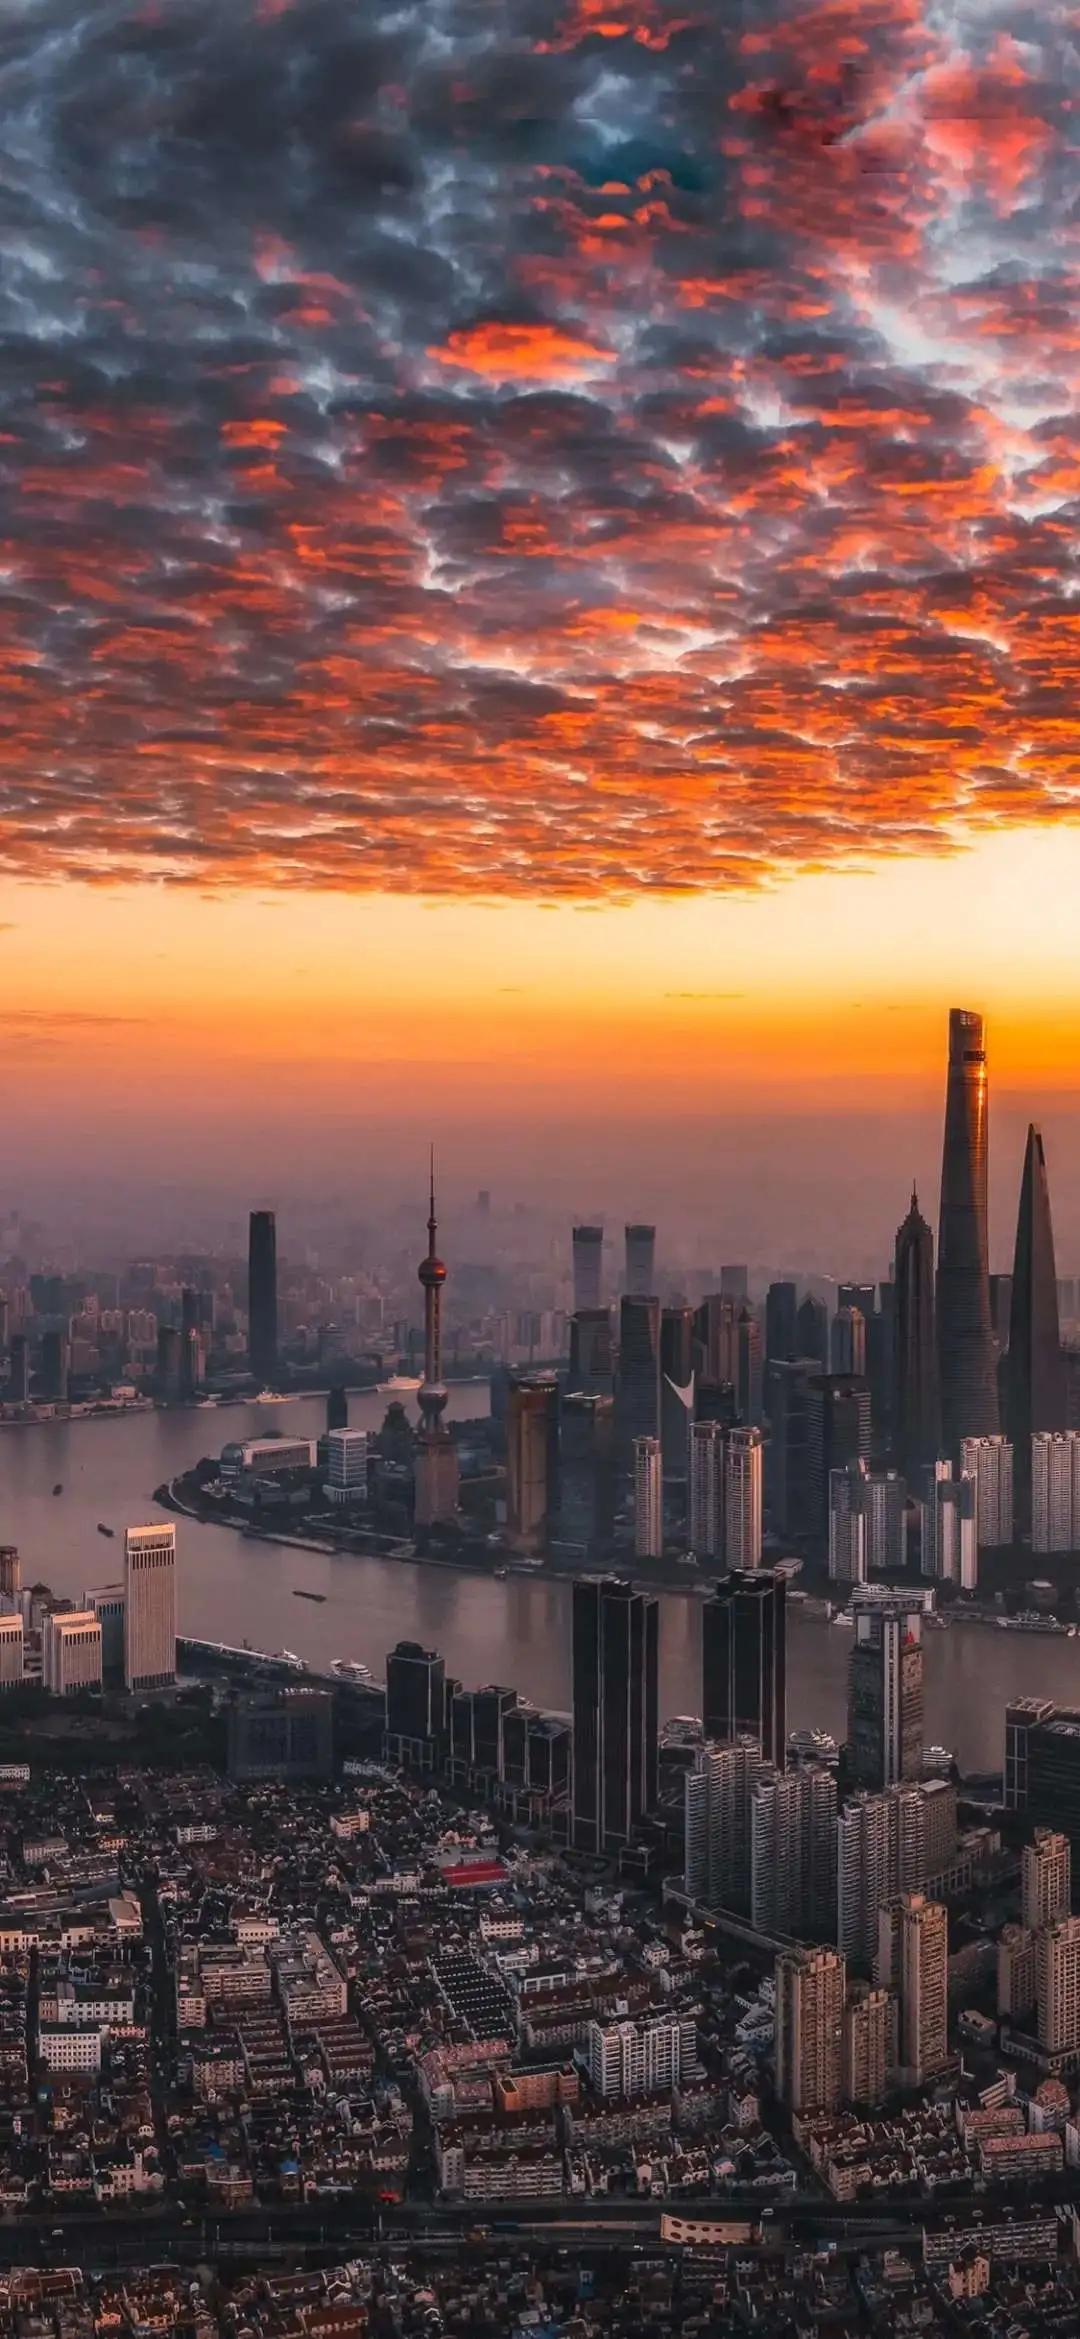 夕阳下的东方明珠城市风景手机壁纸